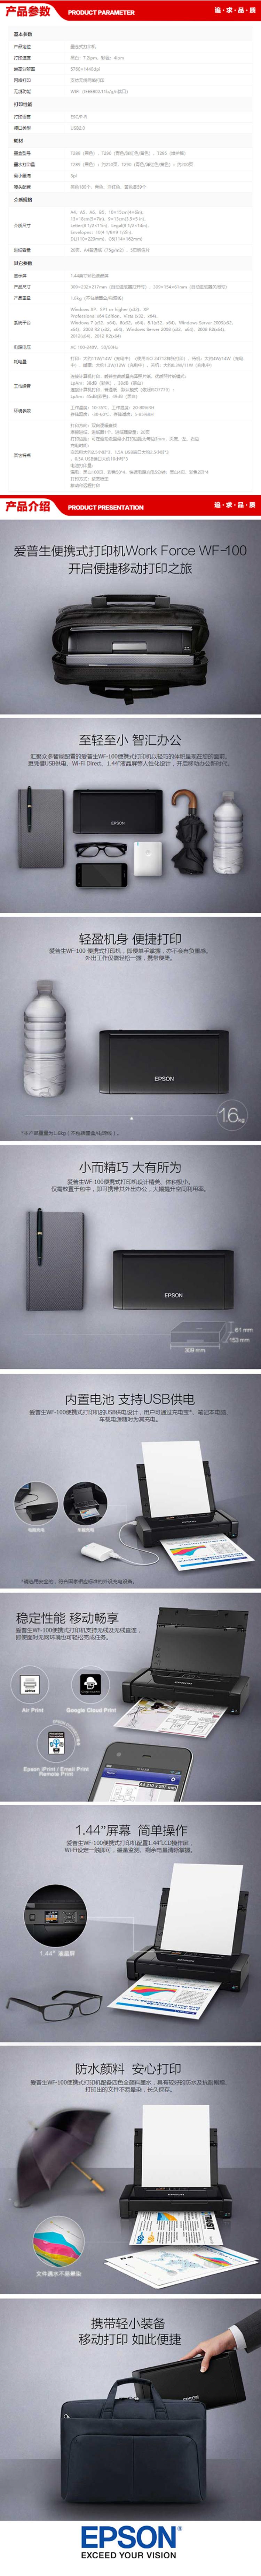 爱普生 Epson WF-100 便携式打印机 - 优宜巧购.jpg